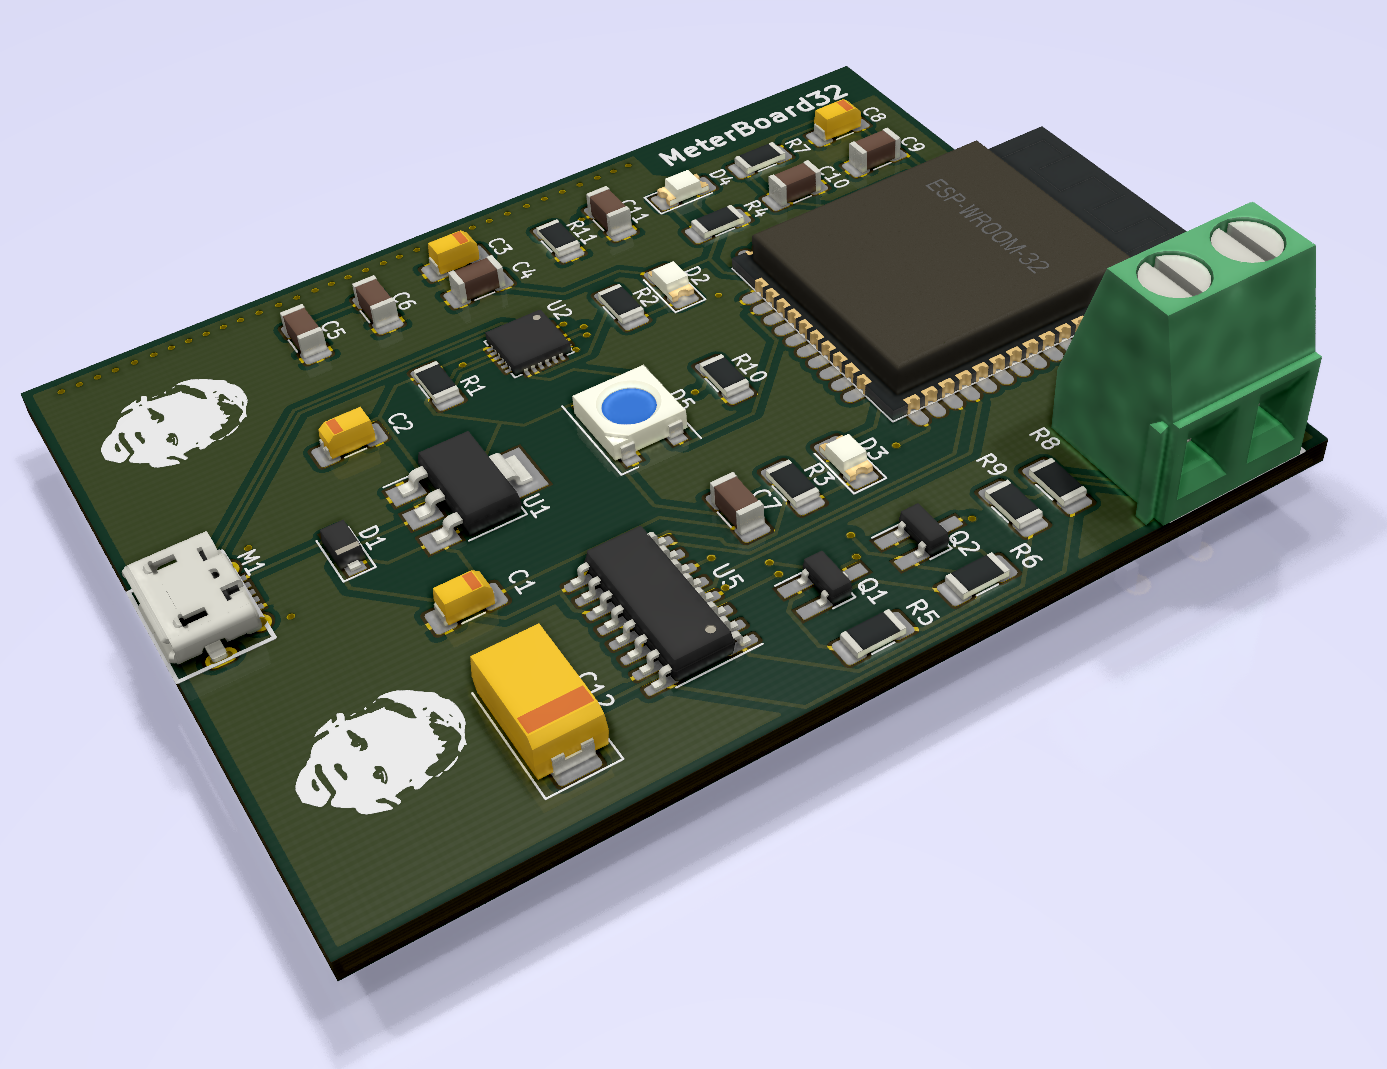 MeterBoard32 PCB 3D View